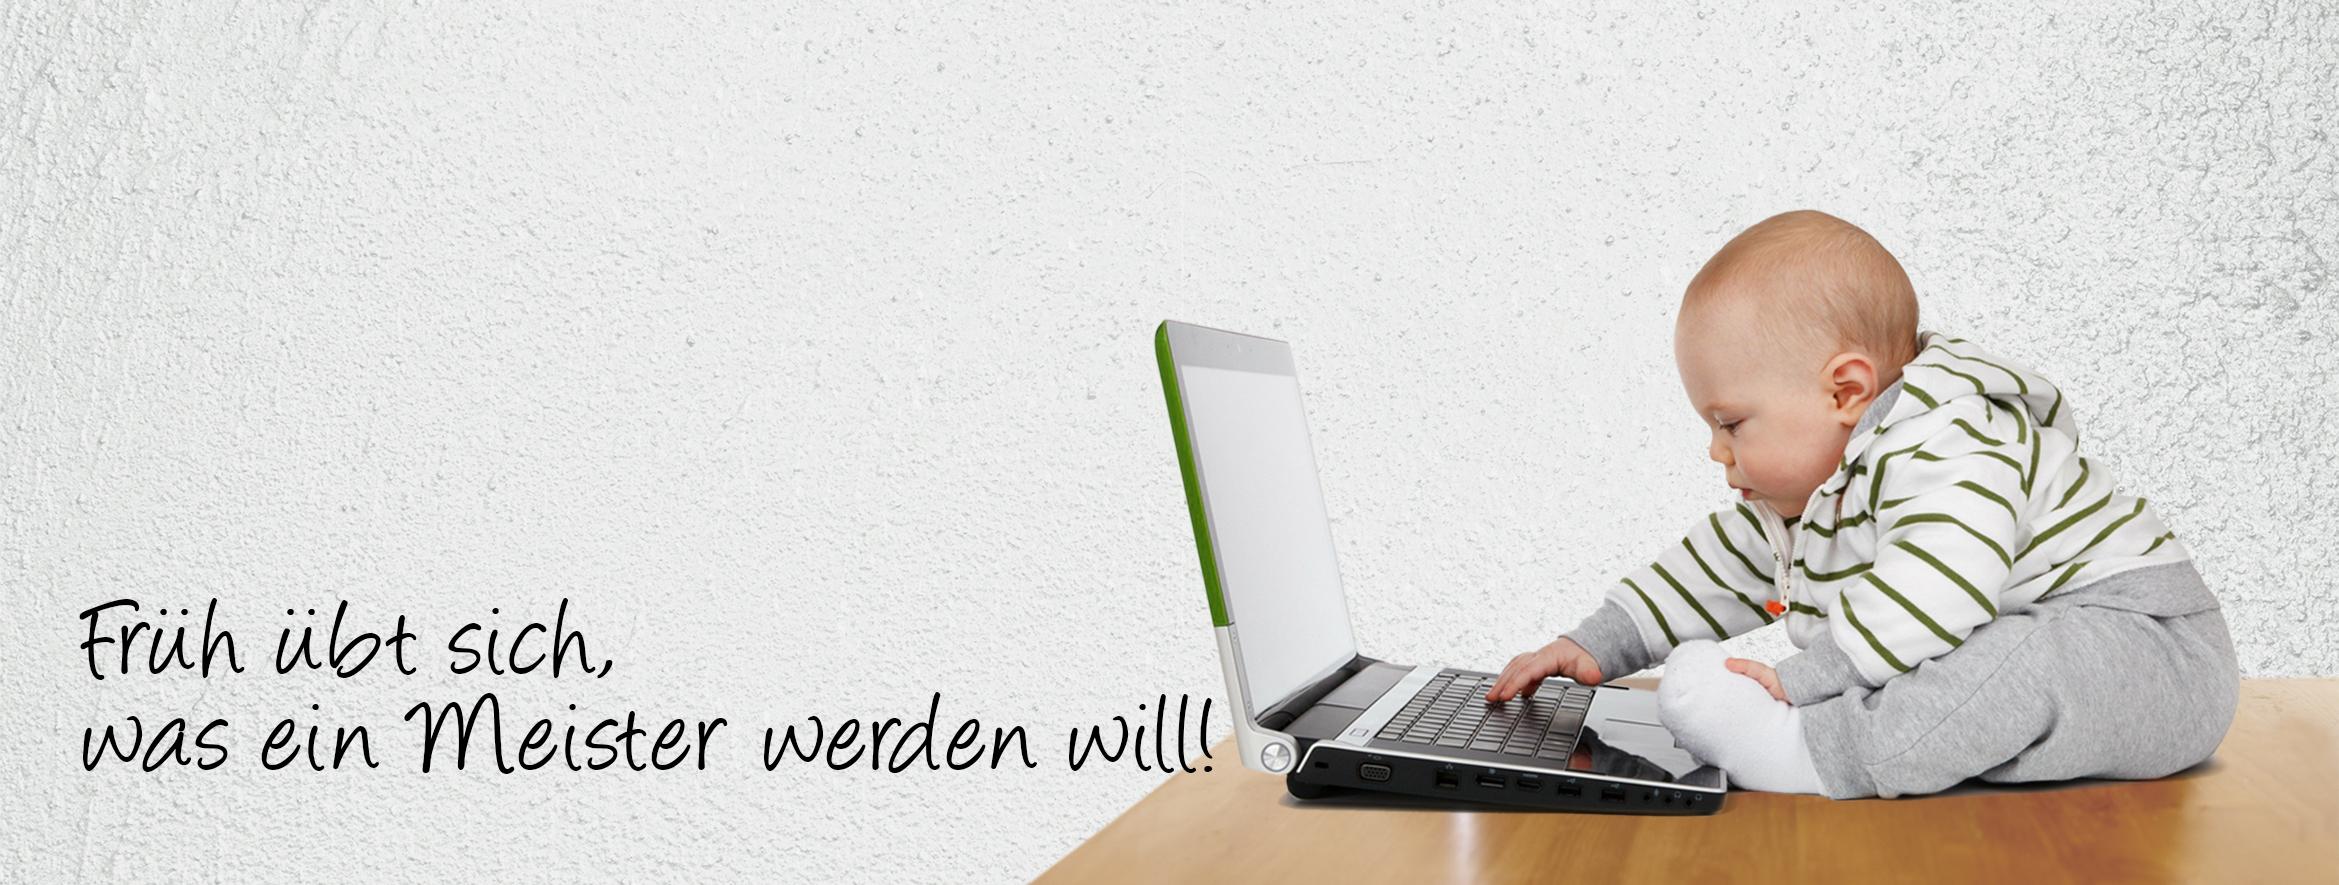 PC-Schulung-Anfänger-Head-2339x885